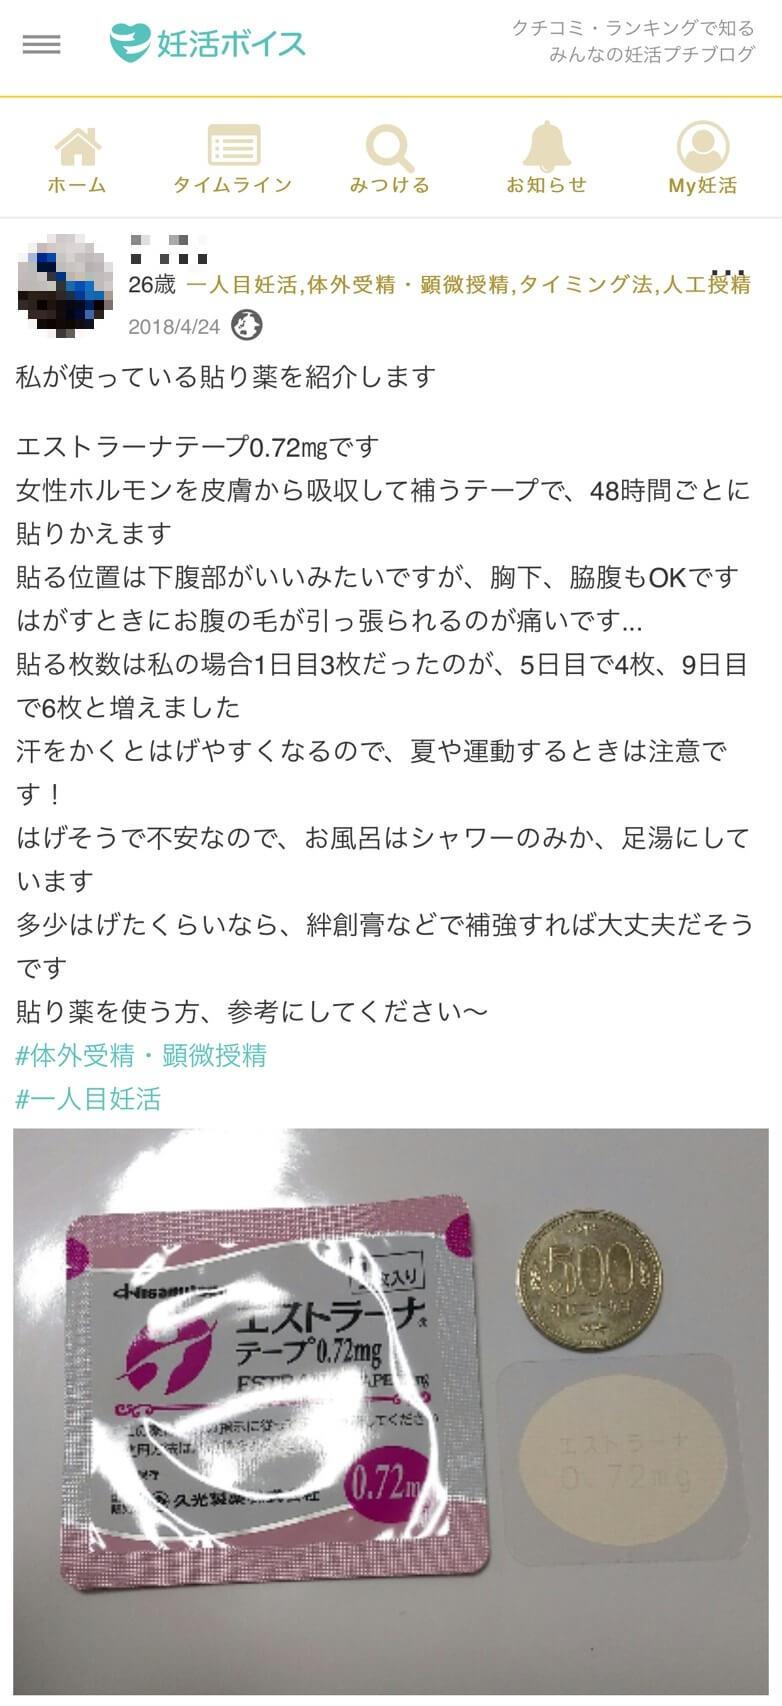 ユーザーKさん(26歳・1人目妊活・タイミング法・人工授精・体外受精・顕微授精)